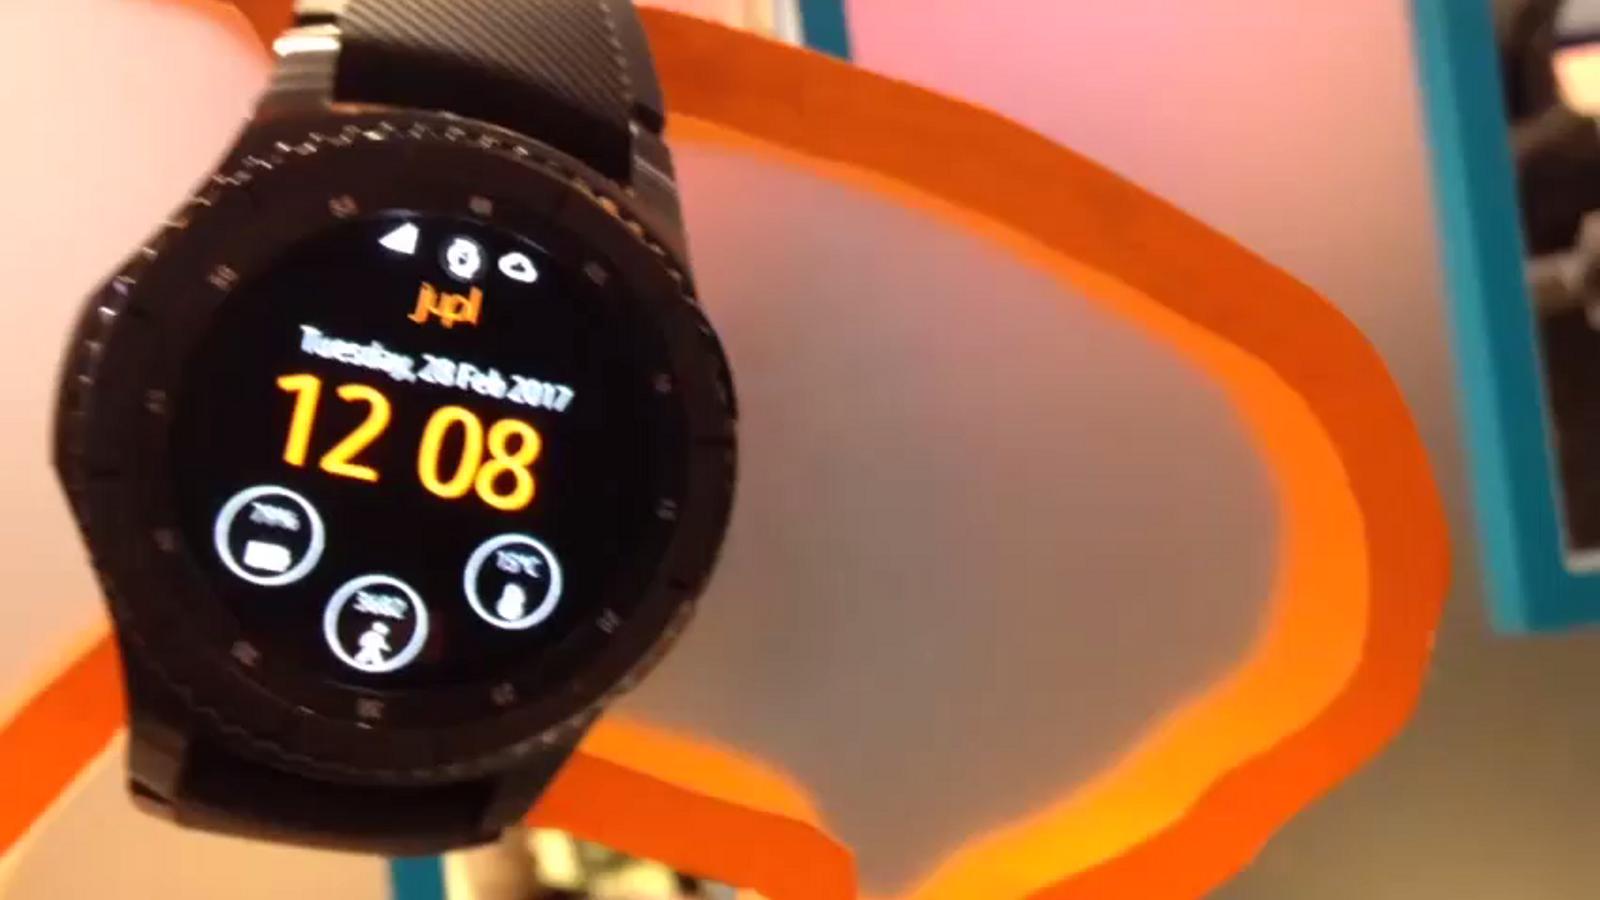 L''smartwatch' per a la gent gran